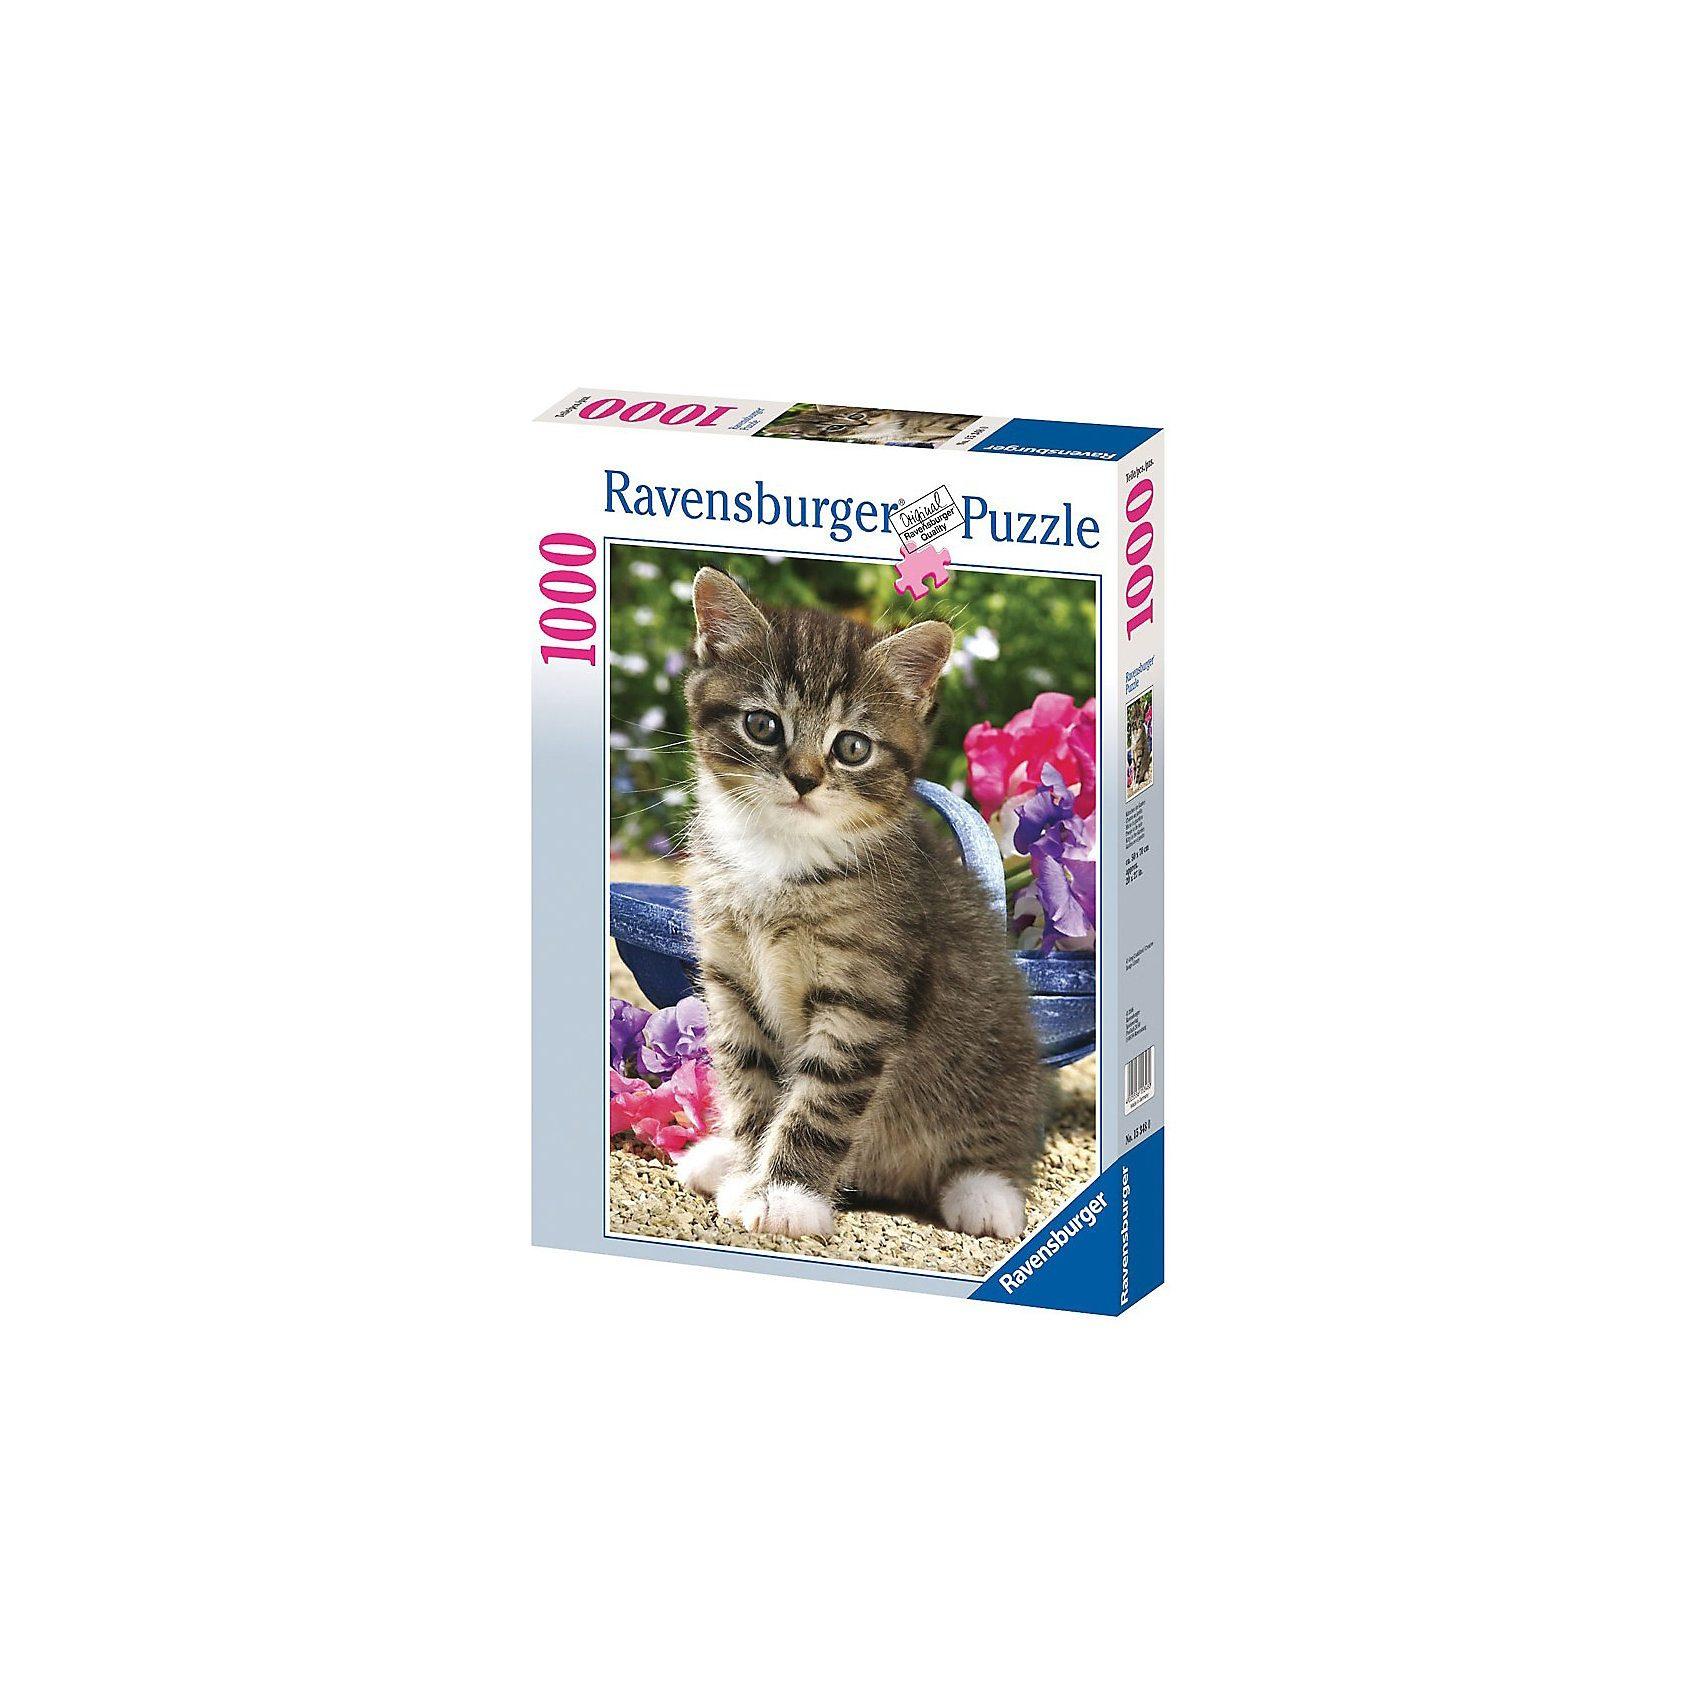 Ravensburger Puzzle 1000 Teile Kätzchen im Garten